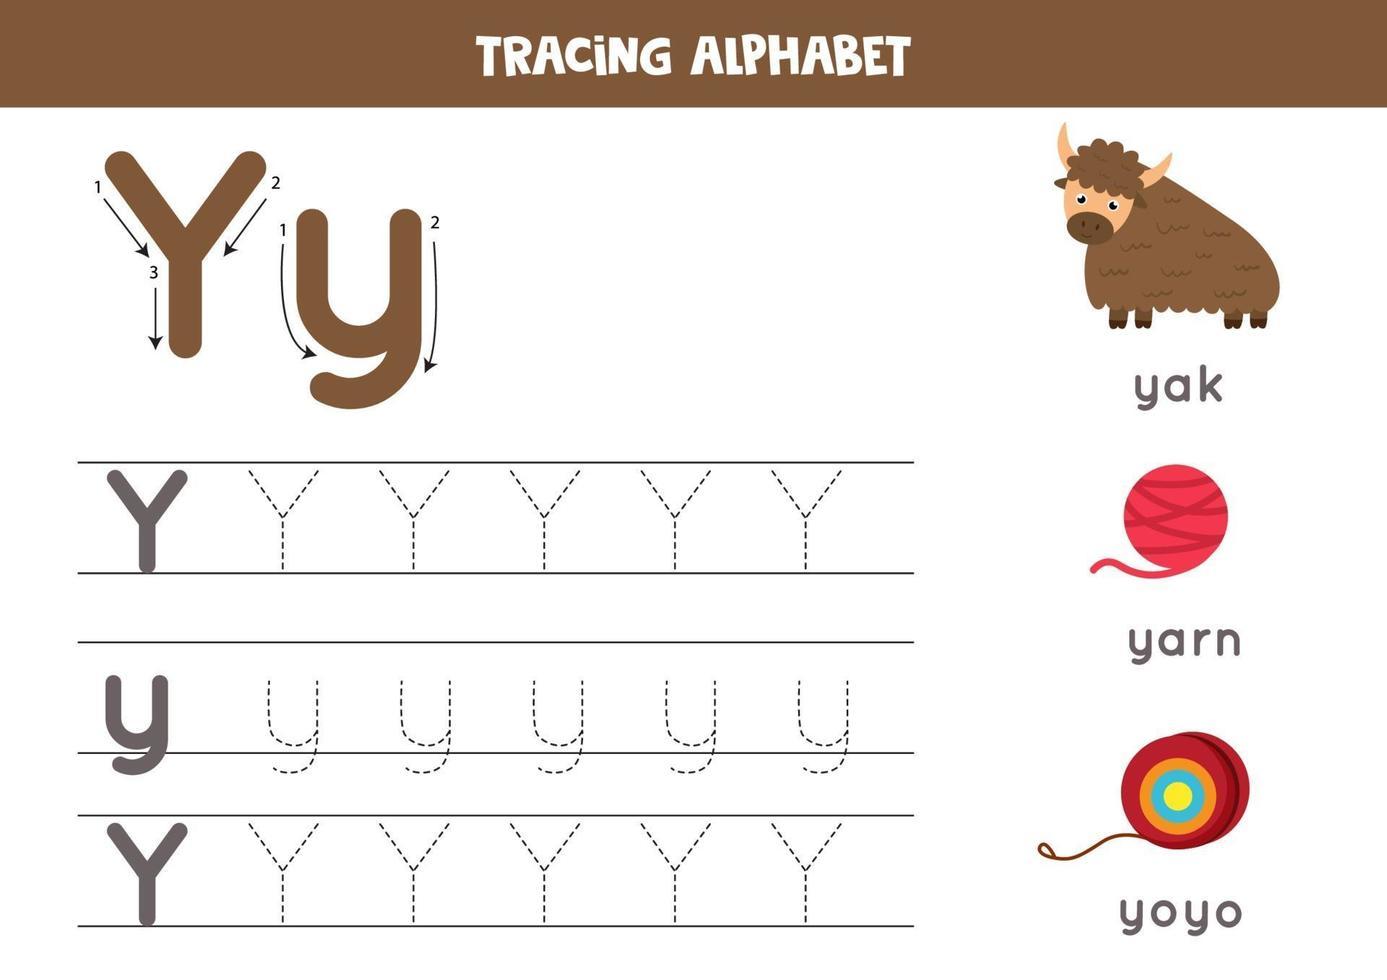 tracciando la lettera y dell'alfabeto con immagini simpatiche. vettore